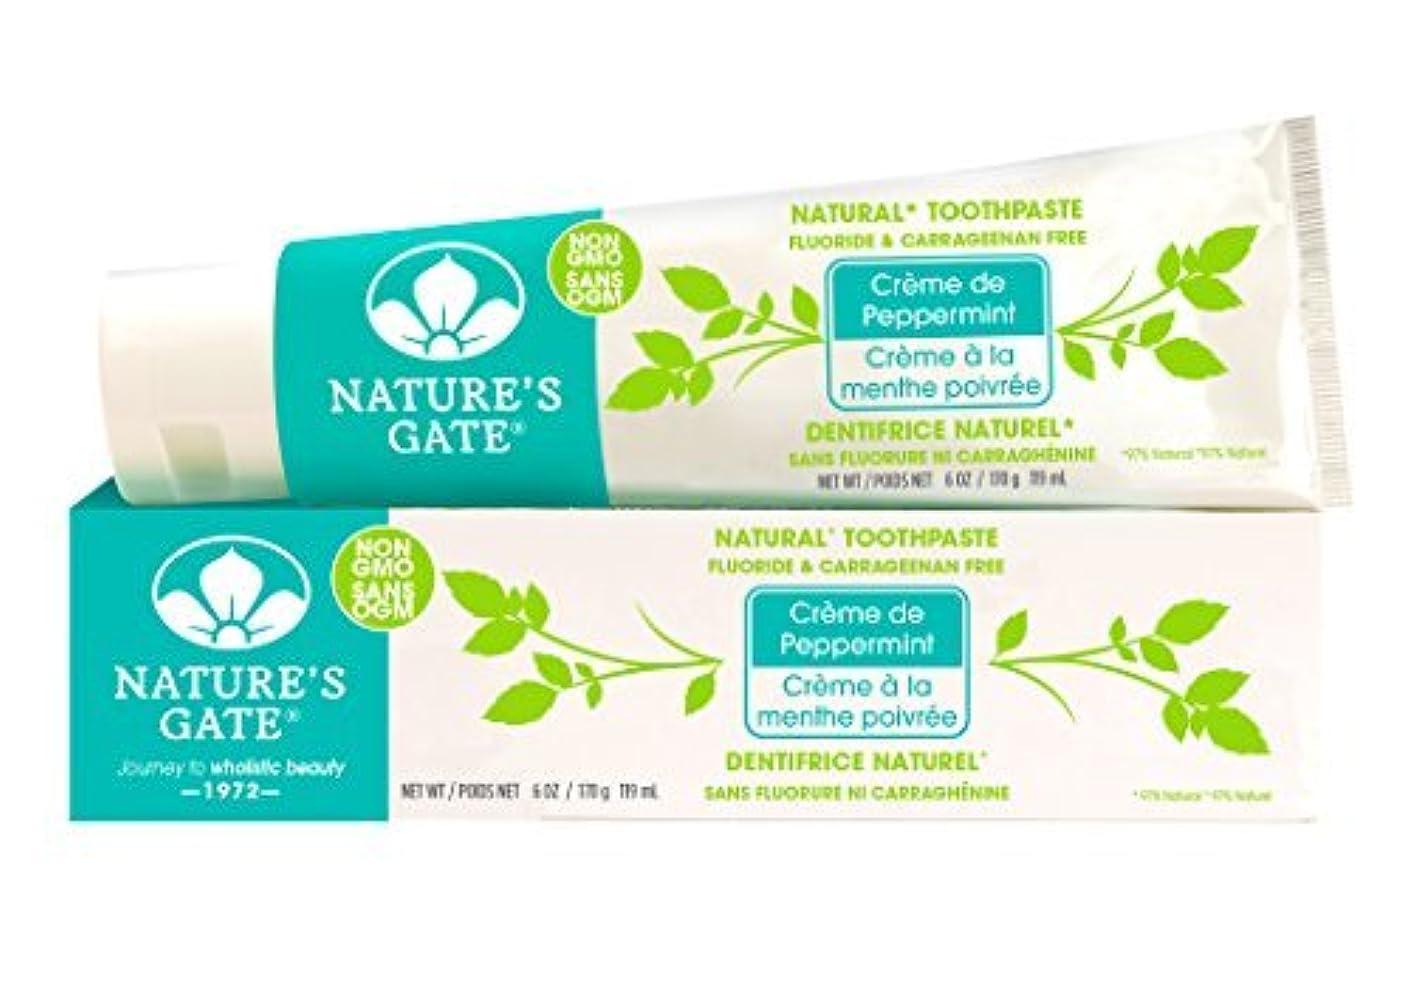 クラッチ毎月限られたNature's Gate Natural Toothpaste, Creme de Peppermint, 6-Ounce Tubes (Pack of 6) by Nature's Gate [並行輸入品]